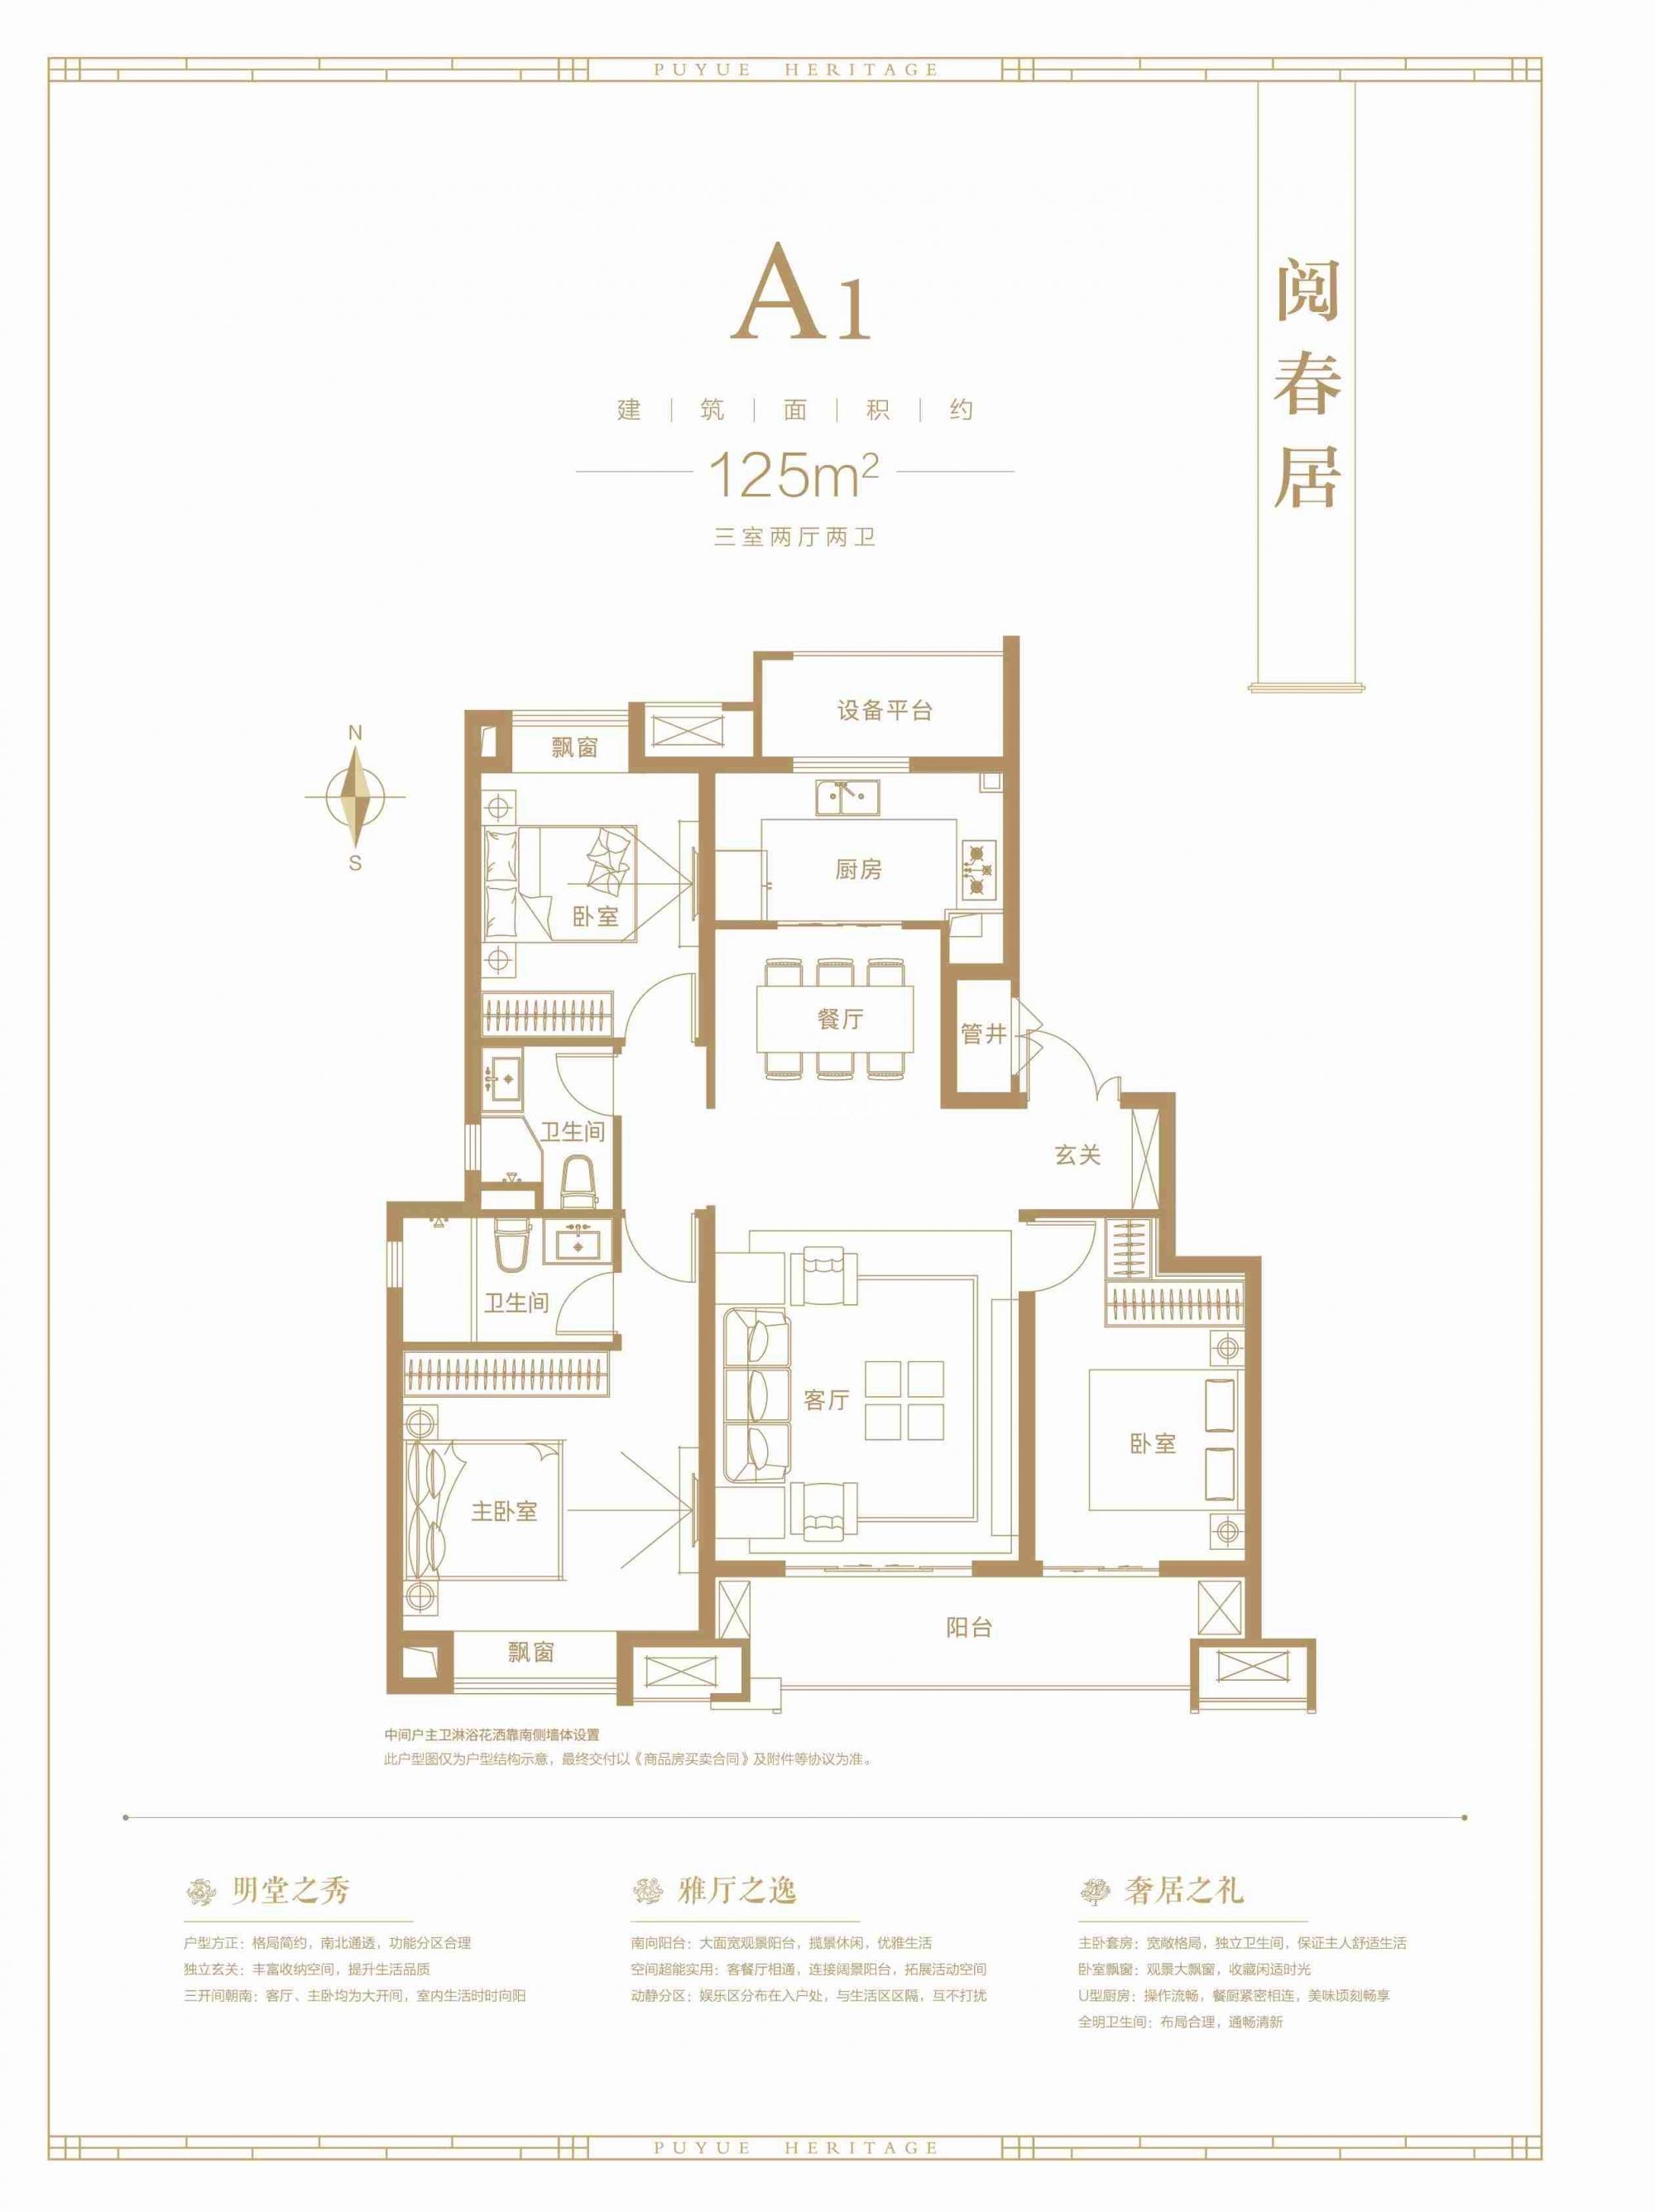 弘阳璞樾门第A1户型(建面约125㎡)